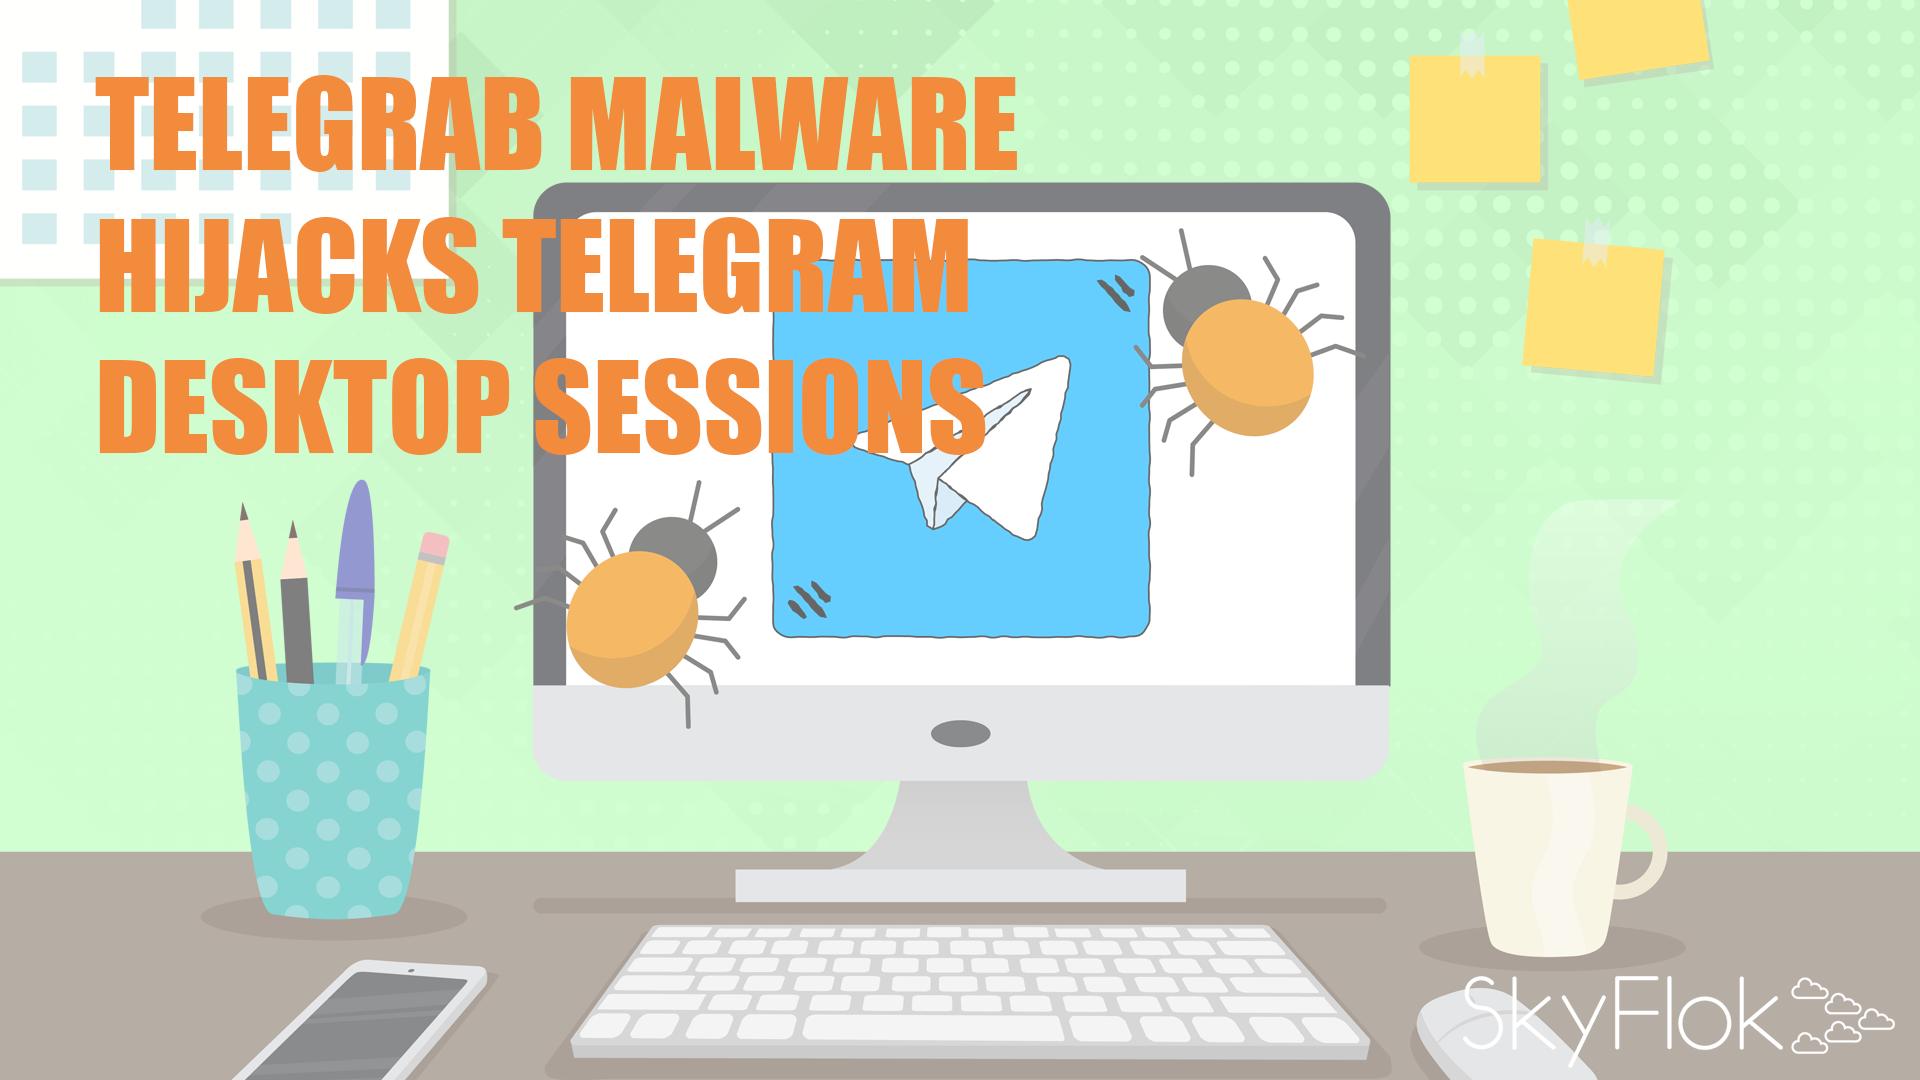 Telegrab malware hijacks Telegram desktop sessions